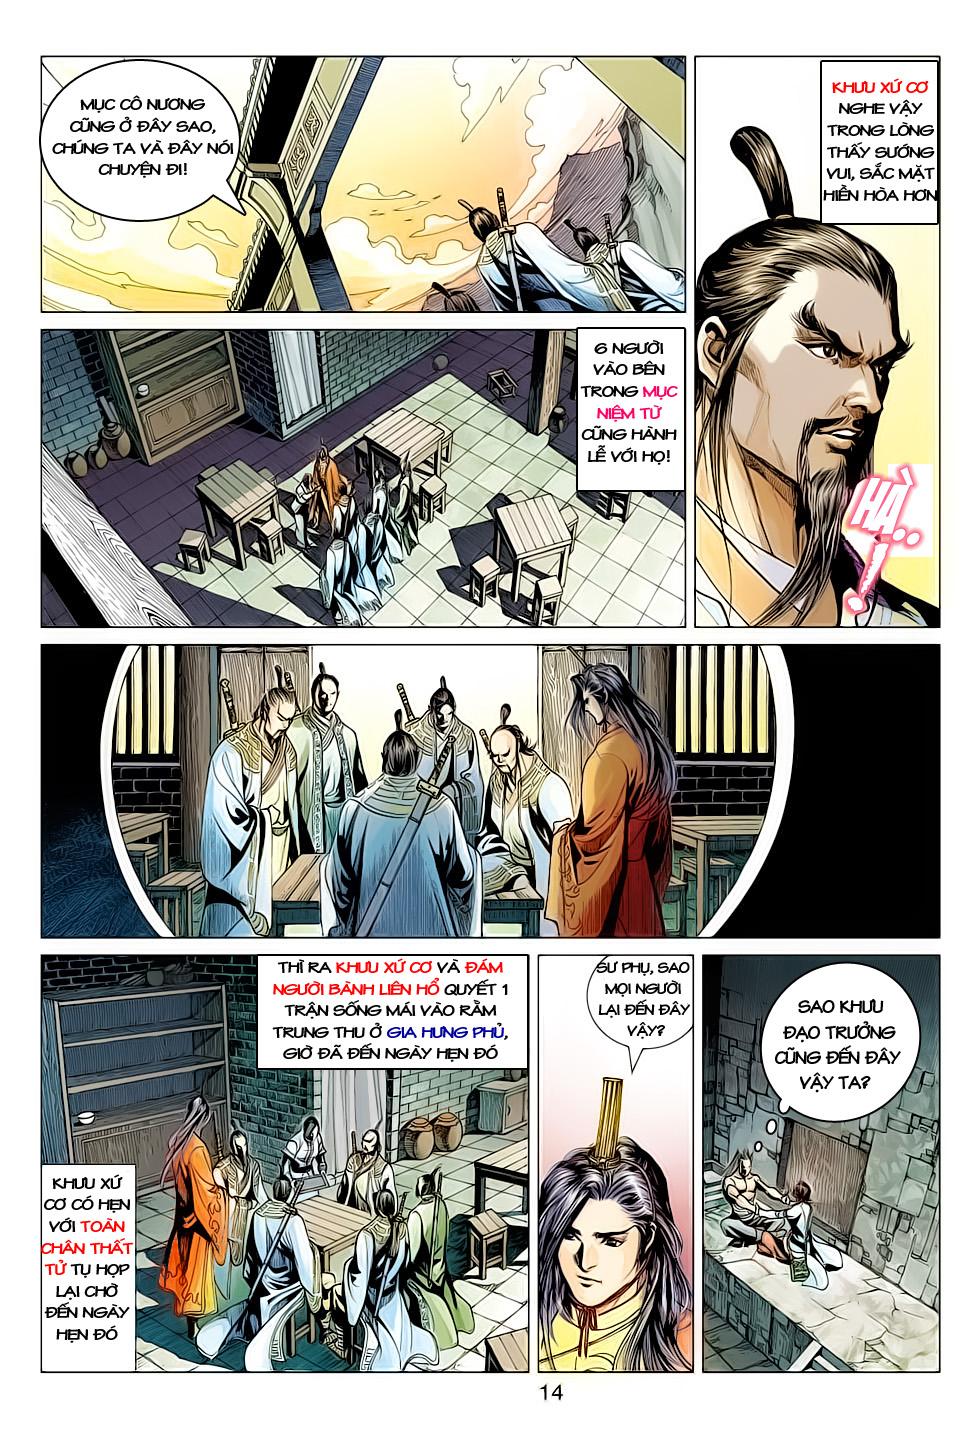 Anh Hùng Xạ Điêu anh hùng xạ đêu chap 61: thất tử chiến thiết thi trang 14